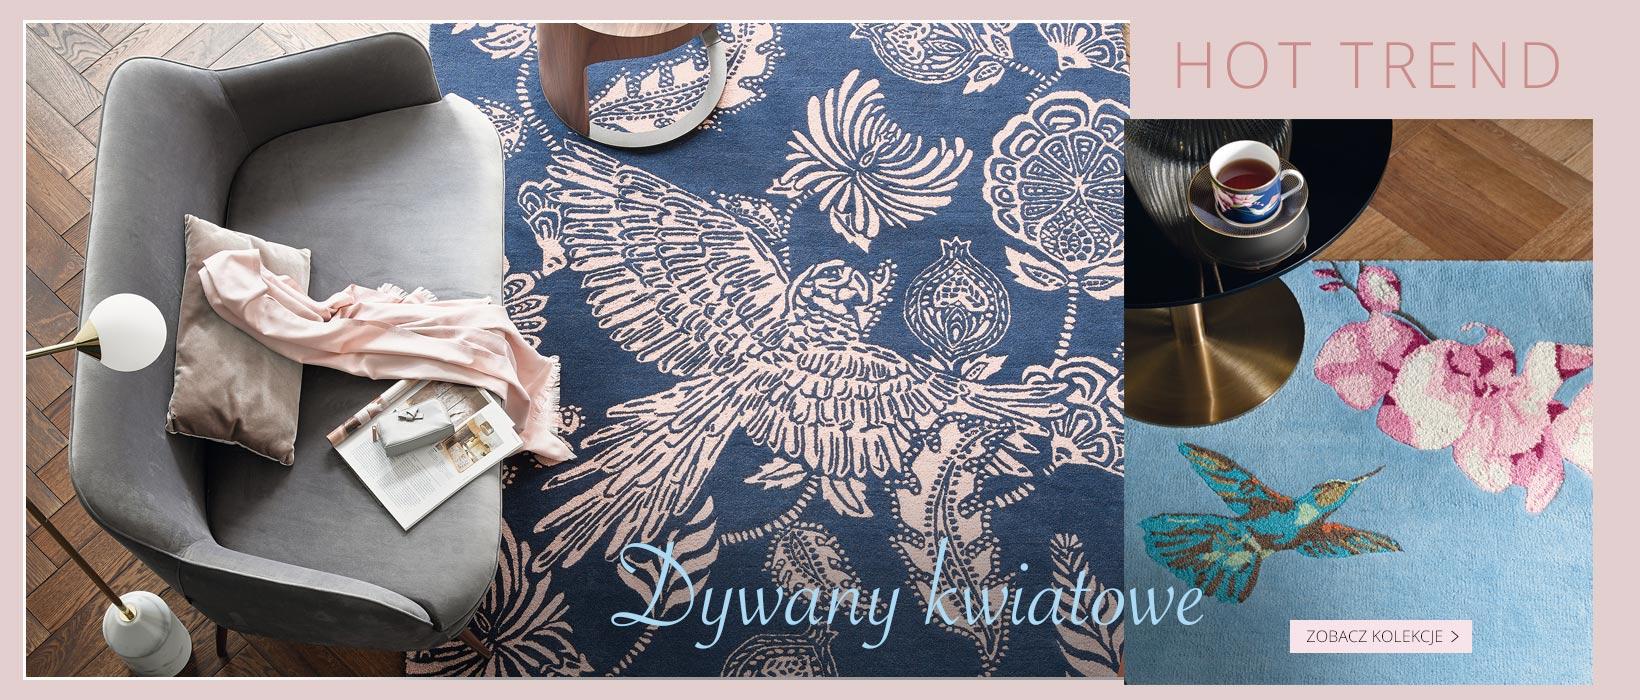 Slajd dywany kwiatowe